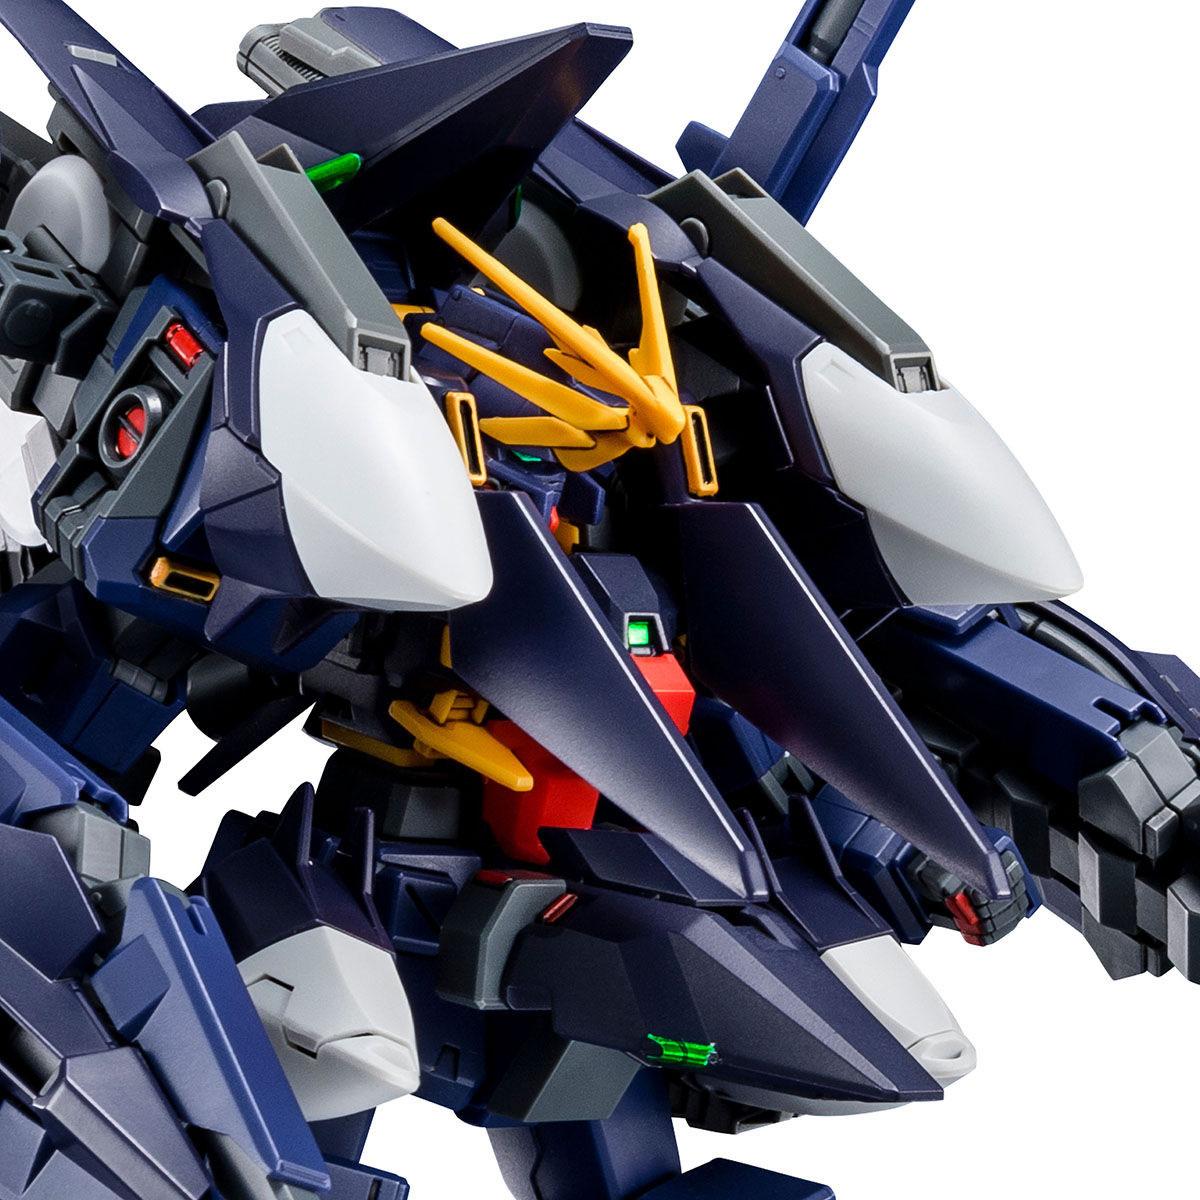 【限定販売】HG 1/144『ガンダムTR-1[ハイゼンスレイ・ラーII]』プラモデル-010